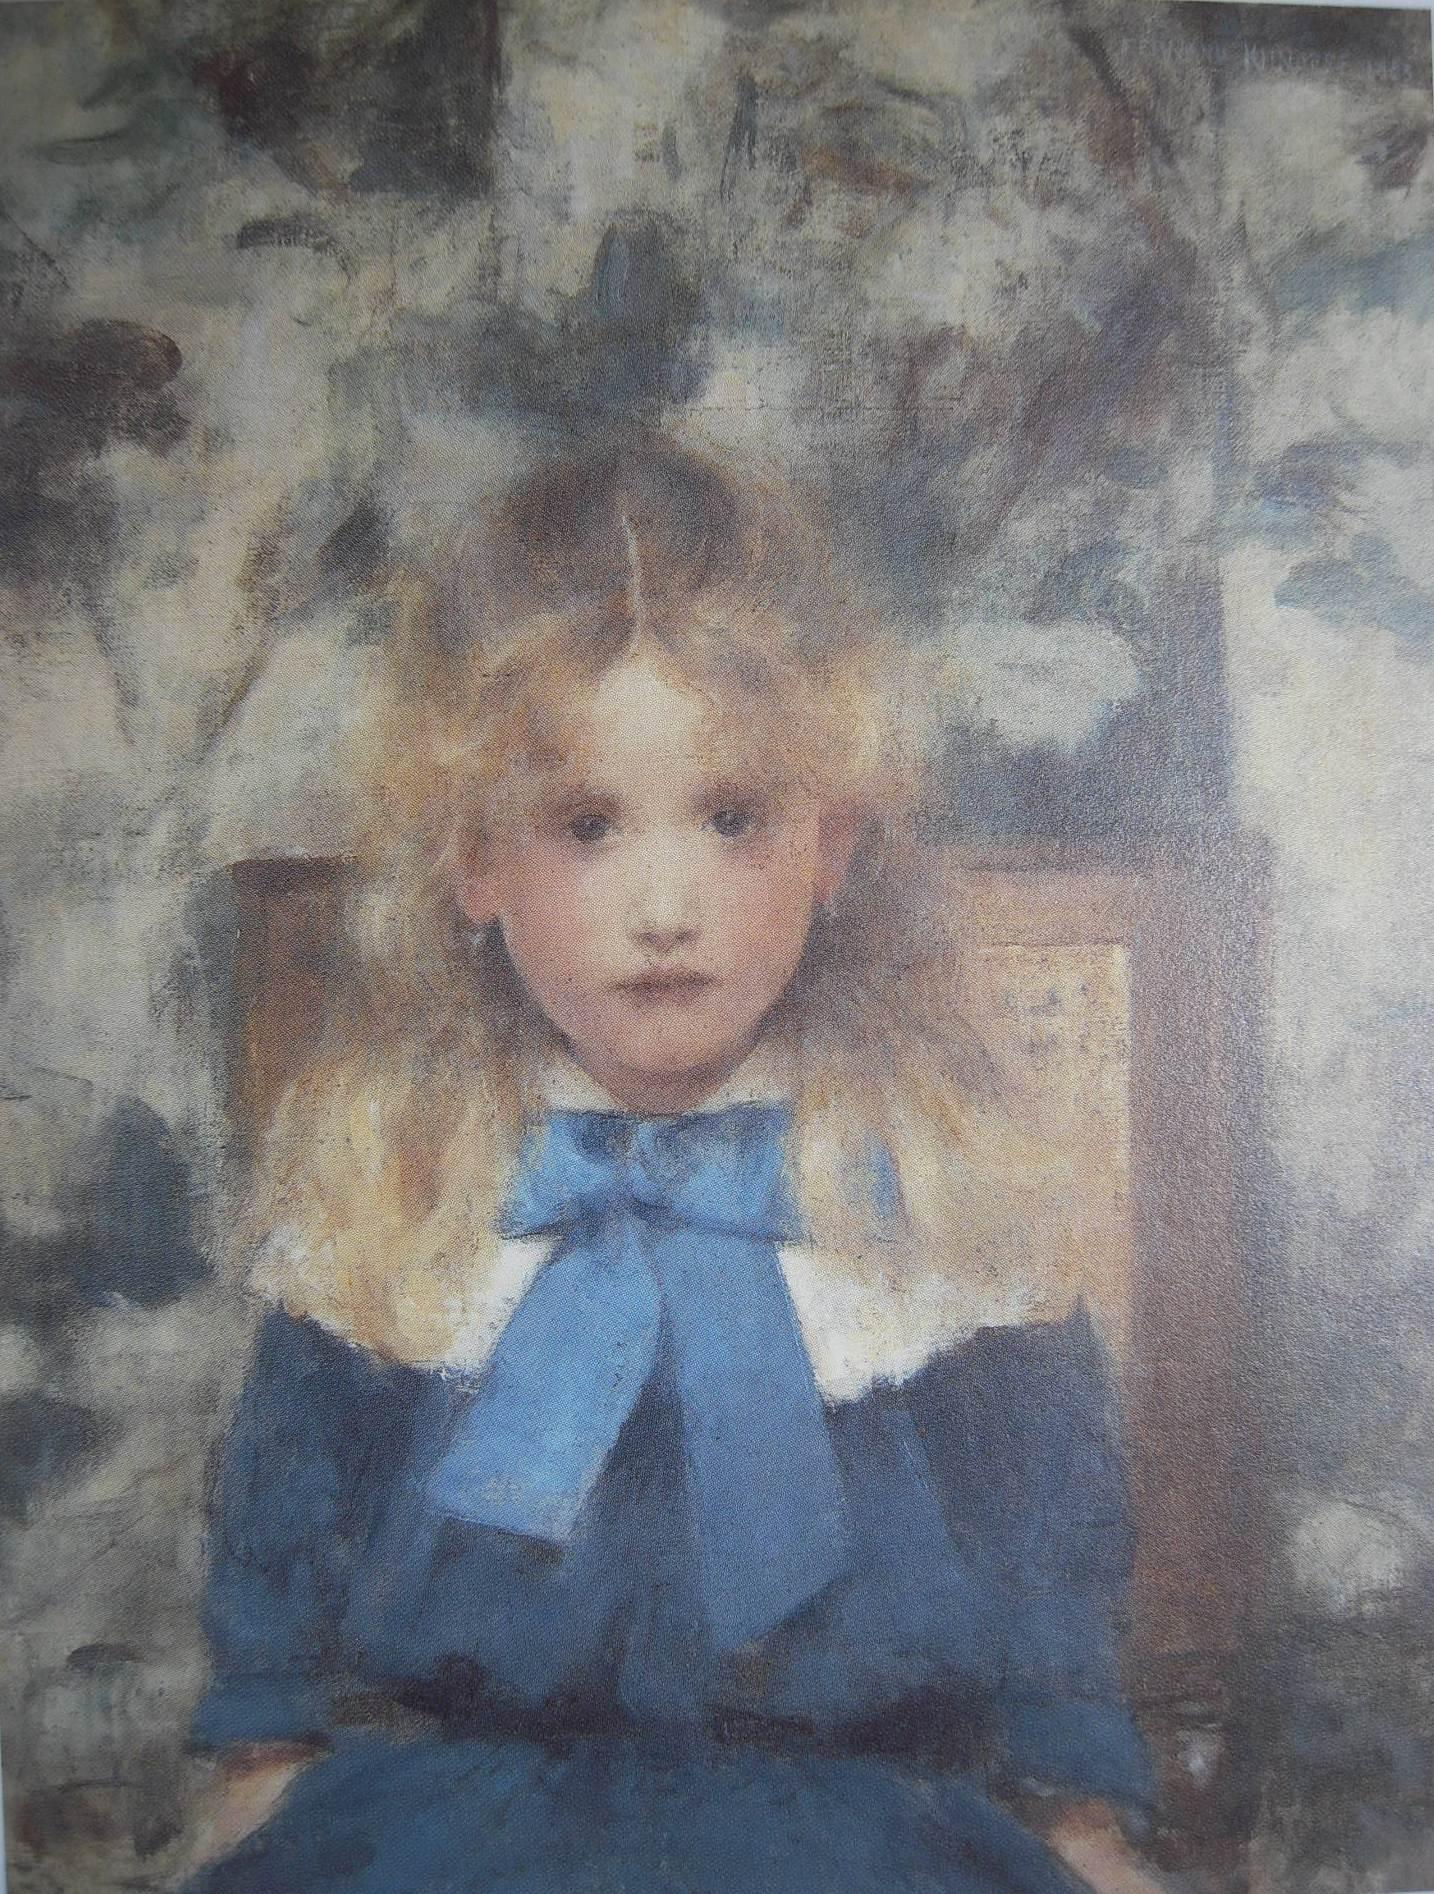 フェルナン・クノップフの画像 p1_40